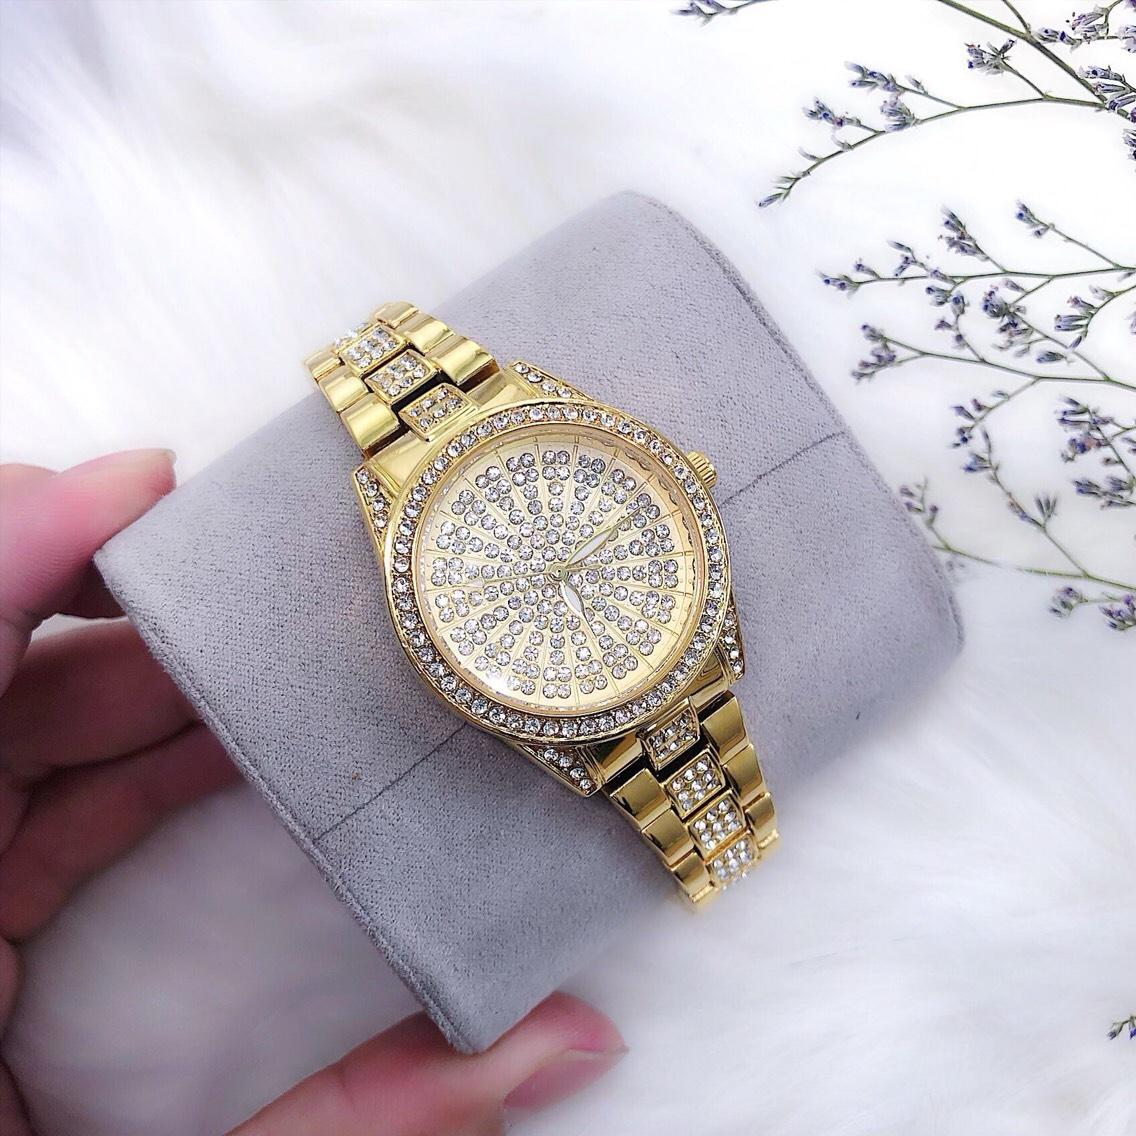 Đồng hồ nữ BS đính đá cao cấp bán chạy